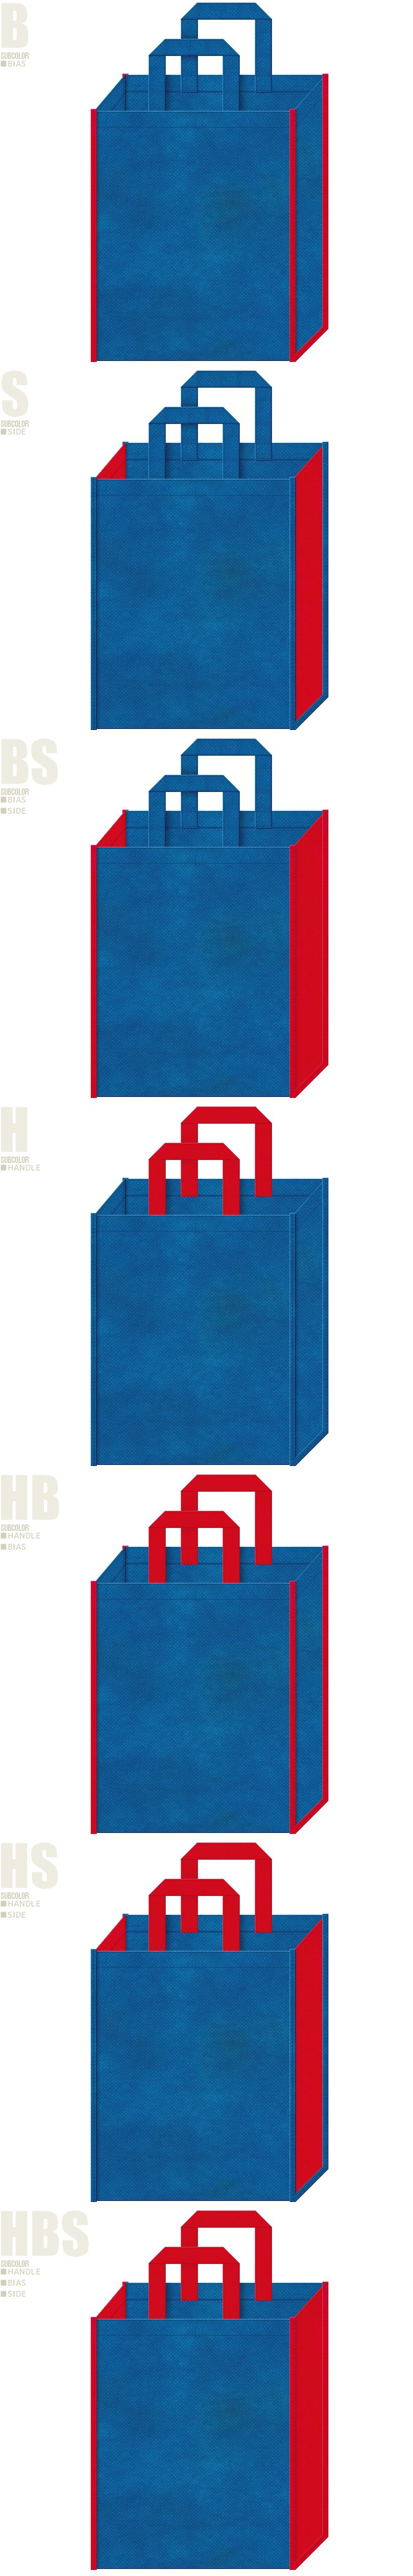 おもちゃ・テーマパーク・ロボット・ラジコン・プラモデル・ホビーの展示会用バッグにお奨めの不織布バッグデザイン:青色と紅色の配色7パターン